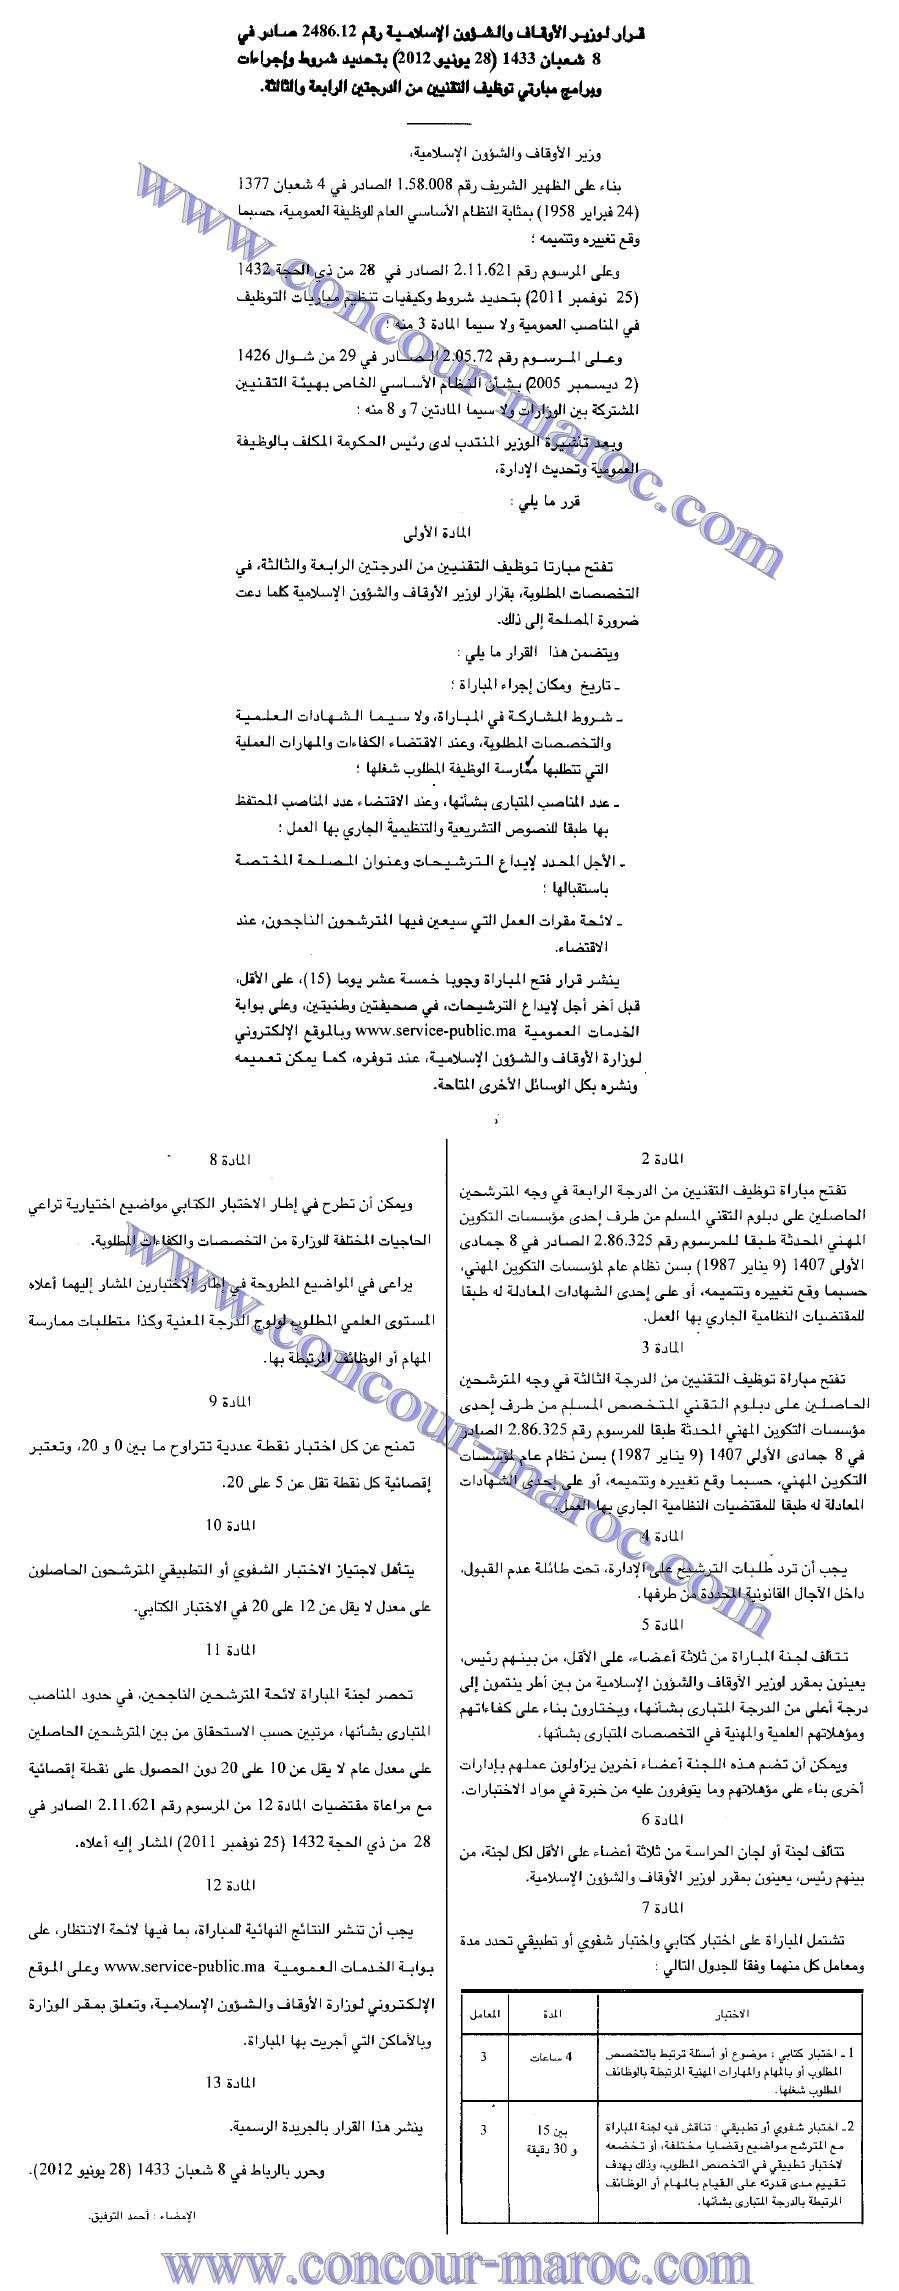 برامج اختبارات الكتابية و الشفوية و شروط و إجراءات مبارتي توظيف التقنيين من الدرجة الرابعة و الثالثة بوزارة الأوقاف و الشؤون الإسلامية  System13